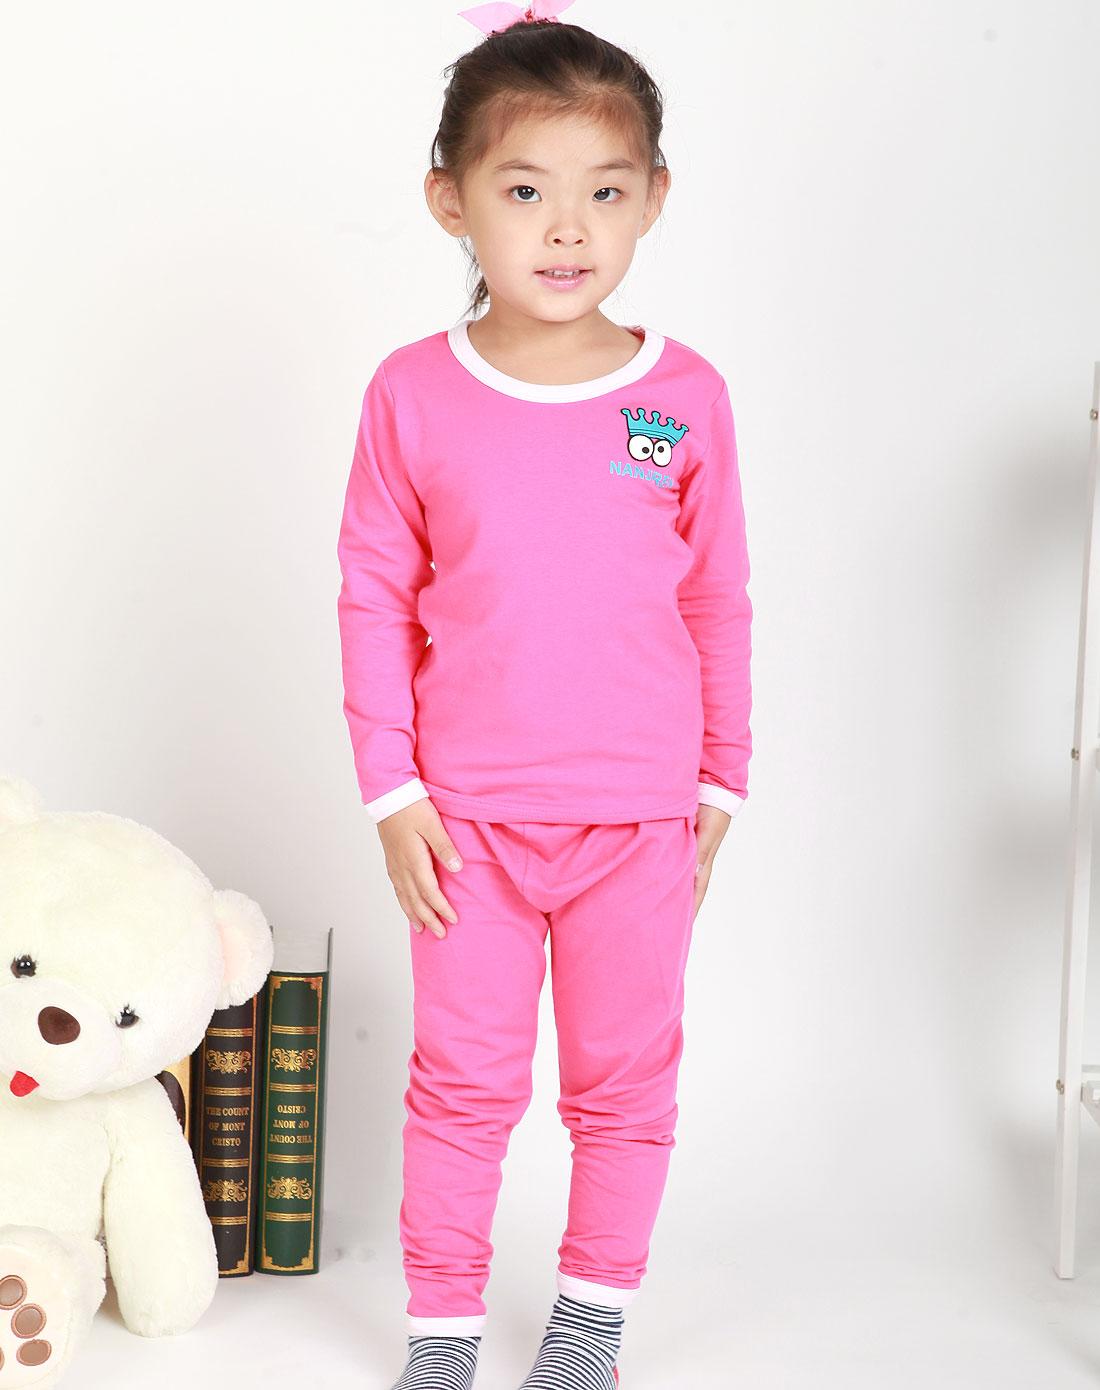 南极人njr儿童内衣专场儿童时尚莱卡内衣n593t